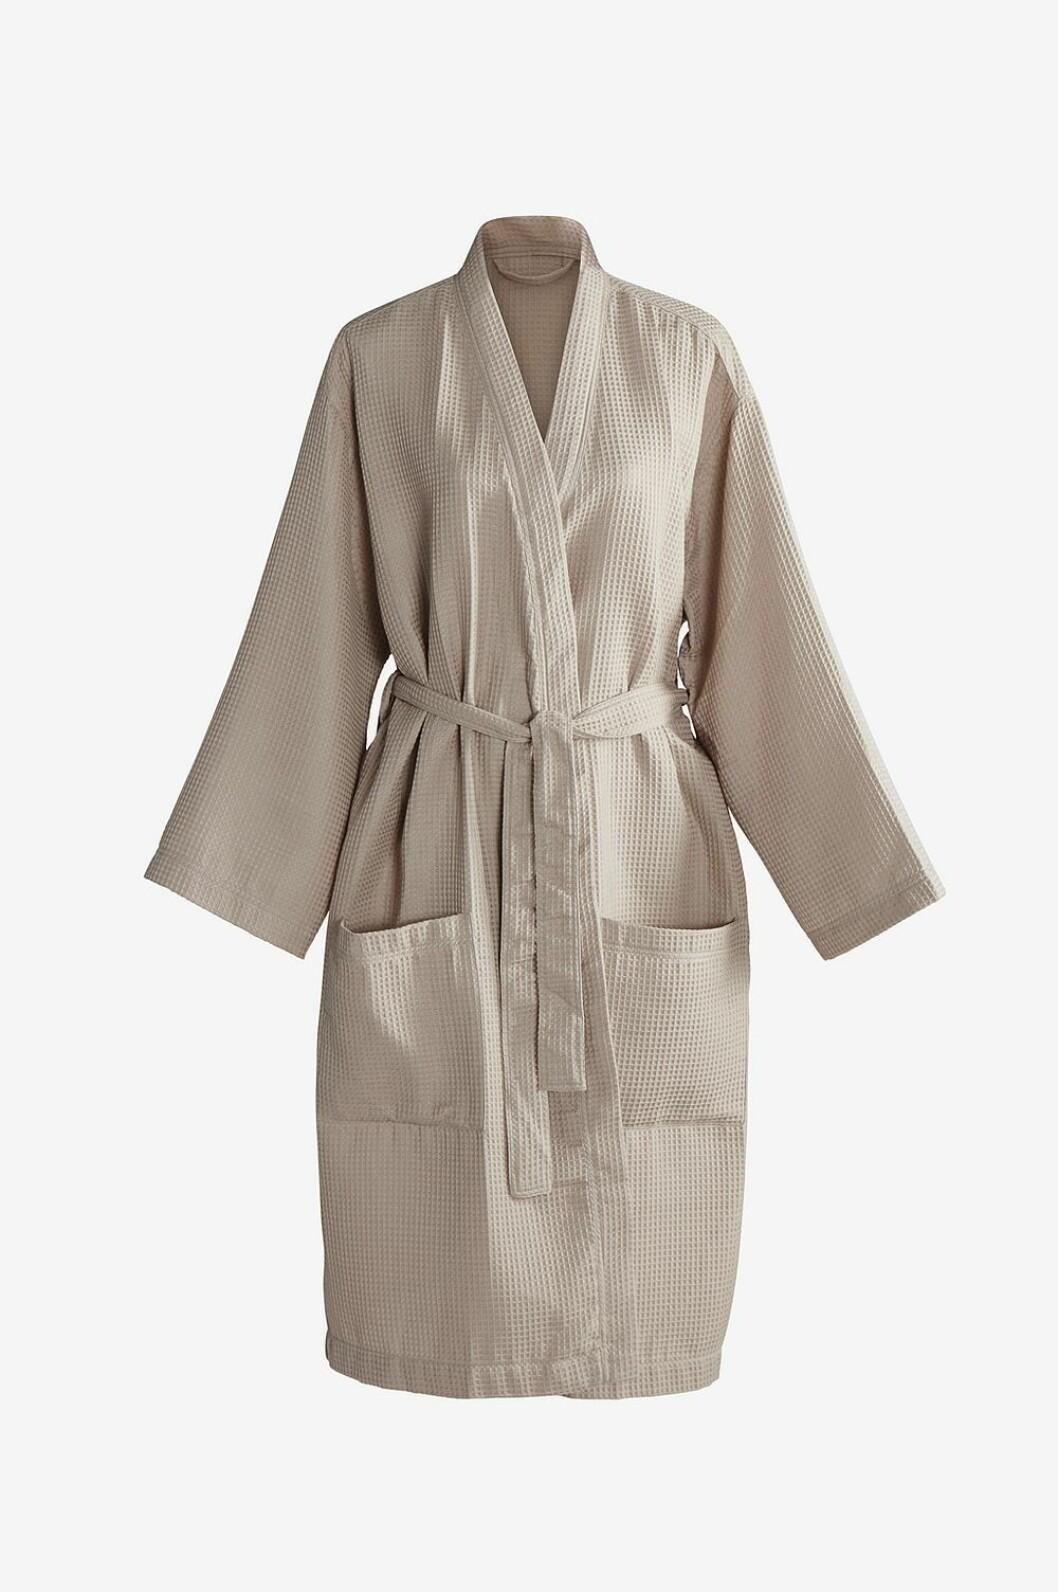 Morgenkåpe fra Lova |299,-| https://www.jotex.no/lova-kimono/1515217-02